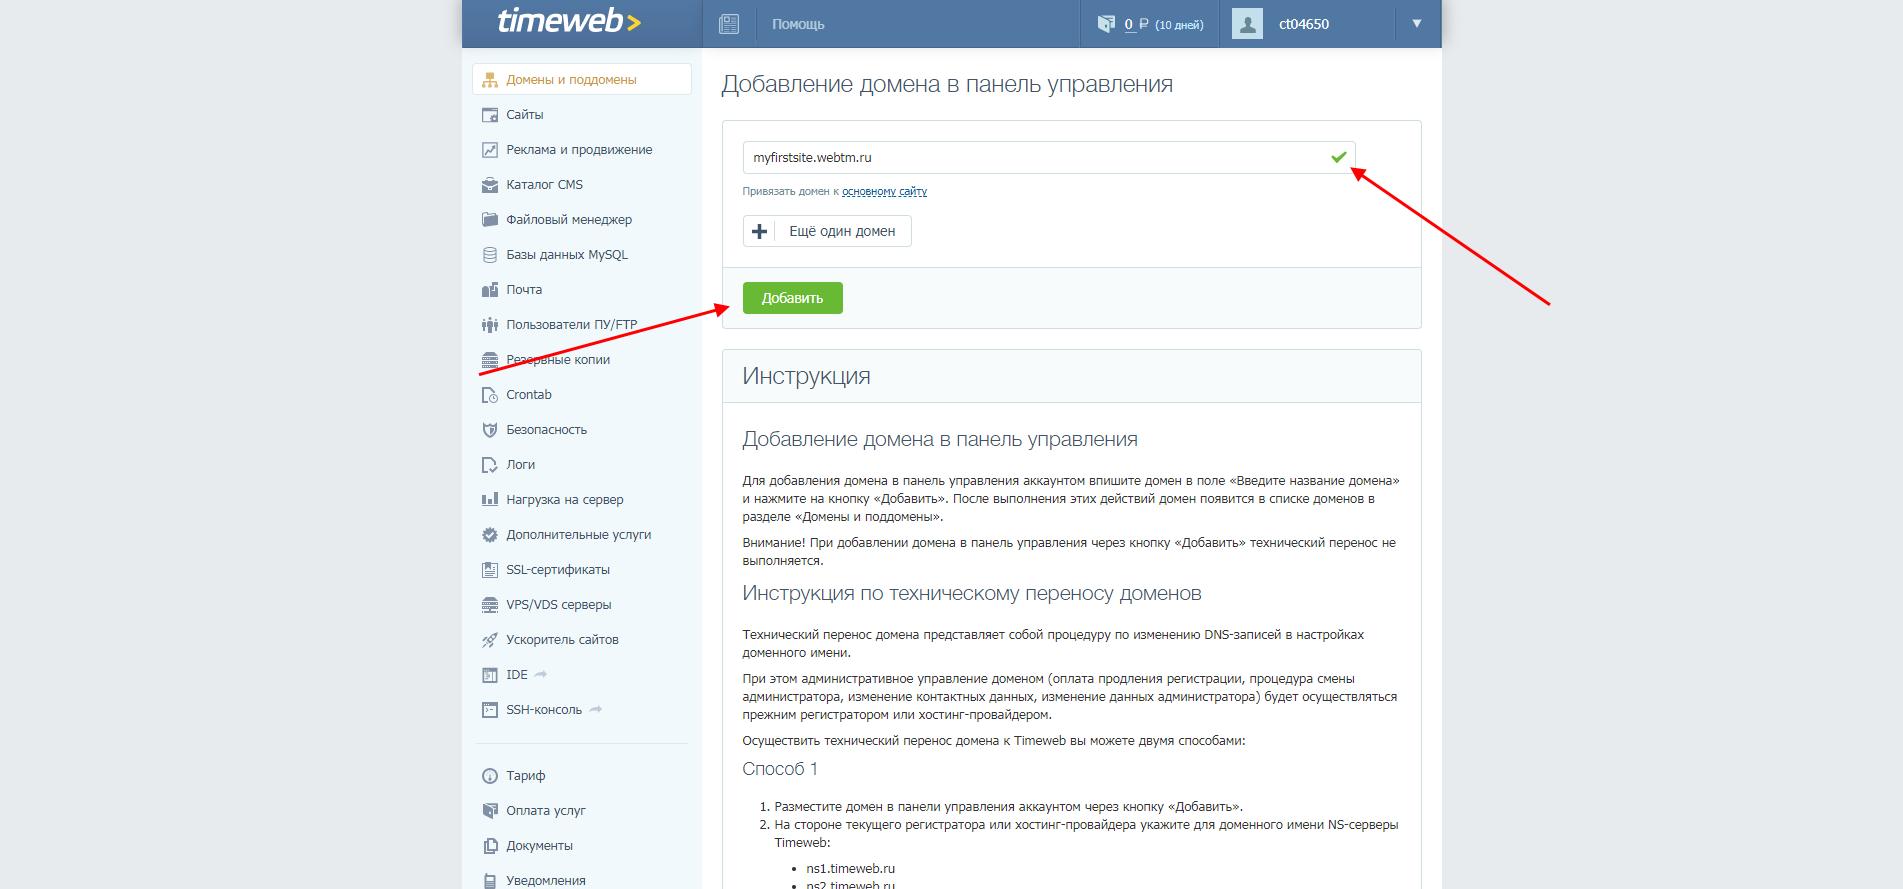 Как на Timeweb добавить новый домен